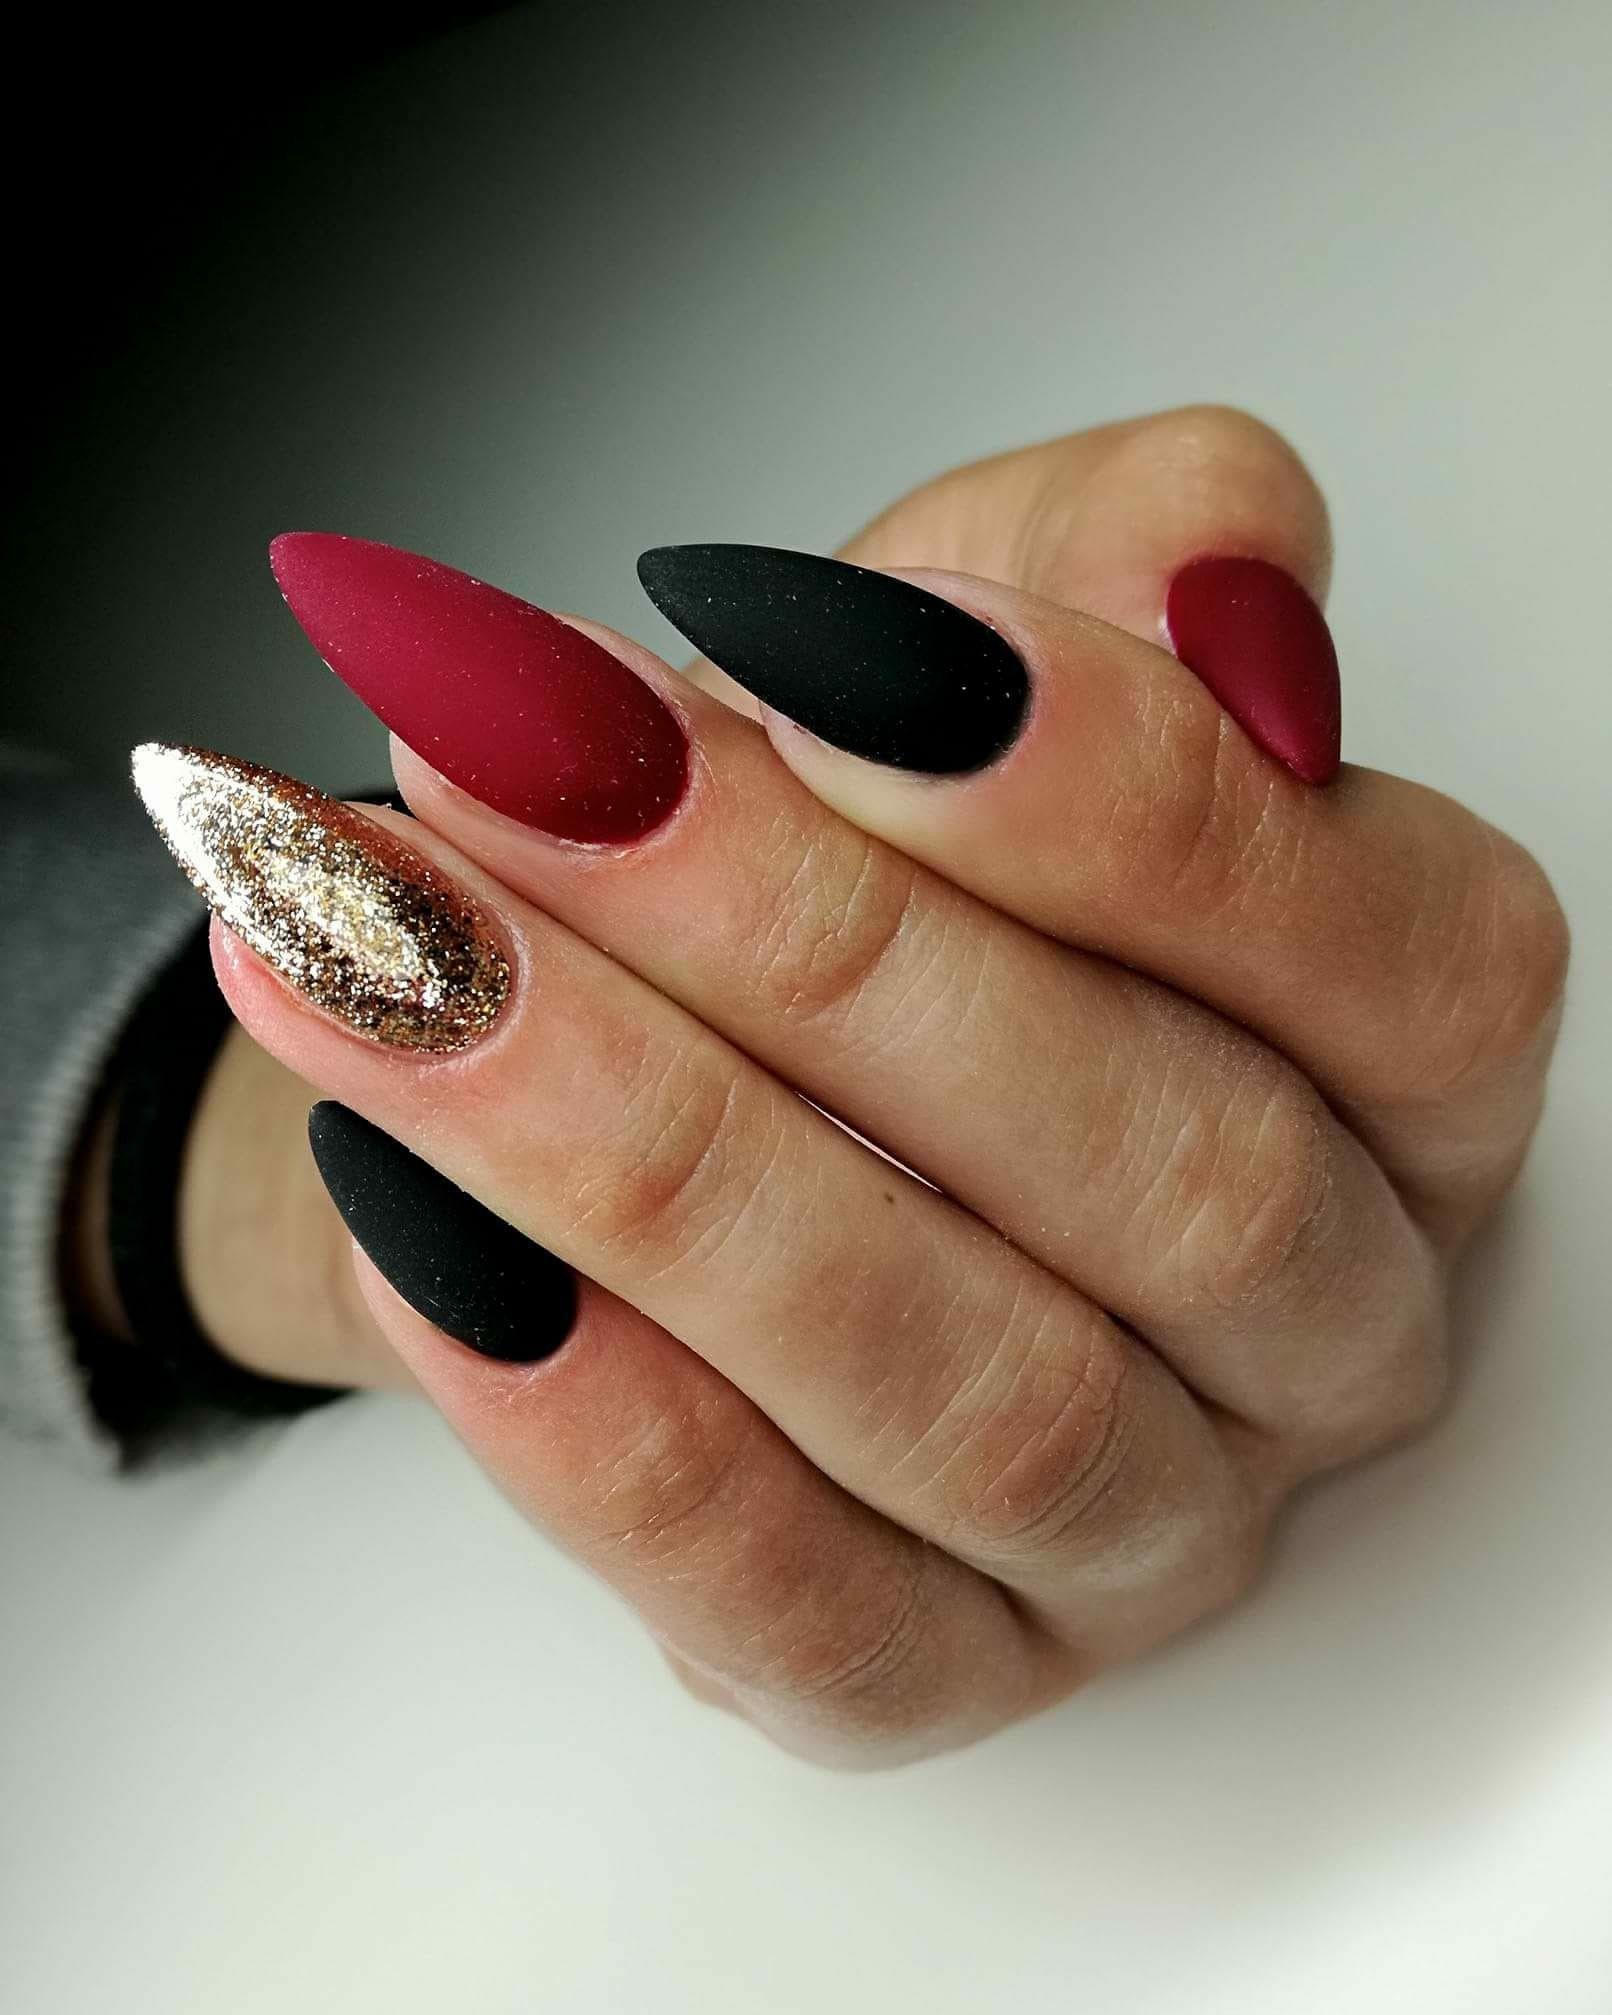 Pin By Beatka Libe On Nails Czerwone Paznokcie Ladne Paznokcie